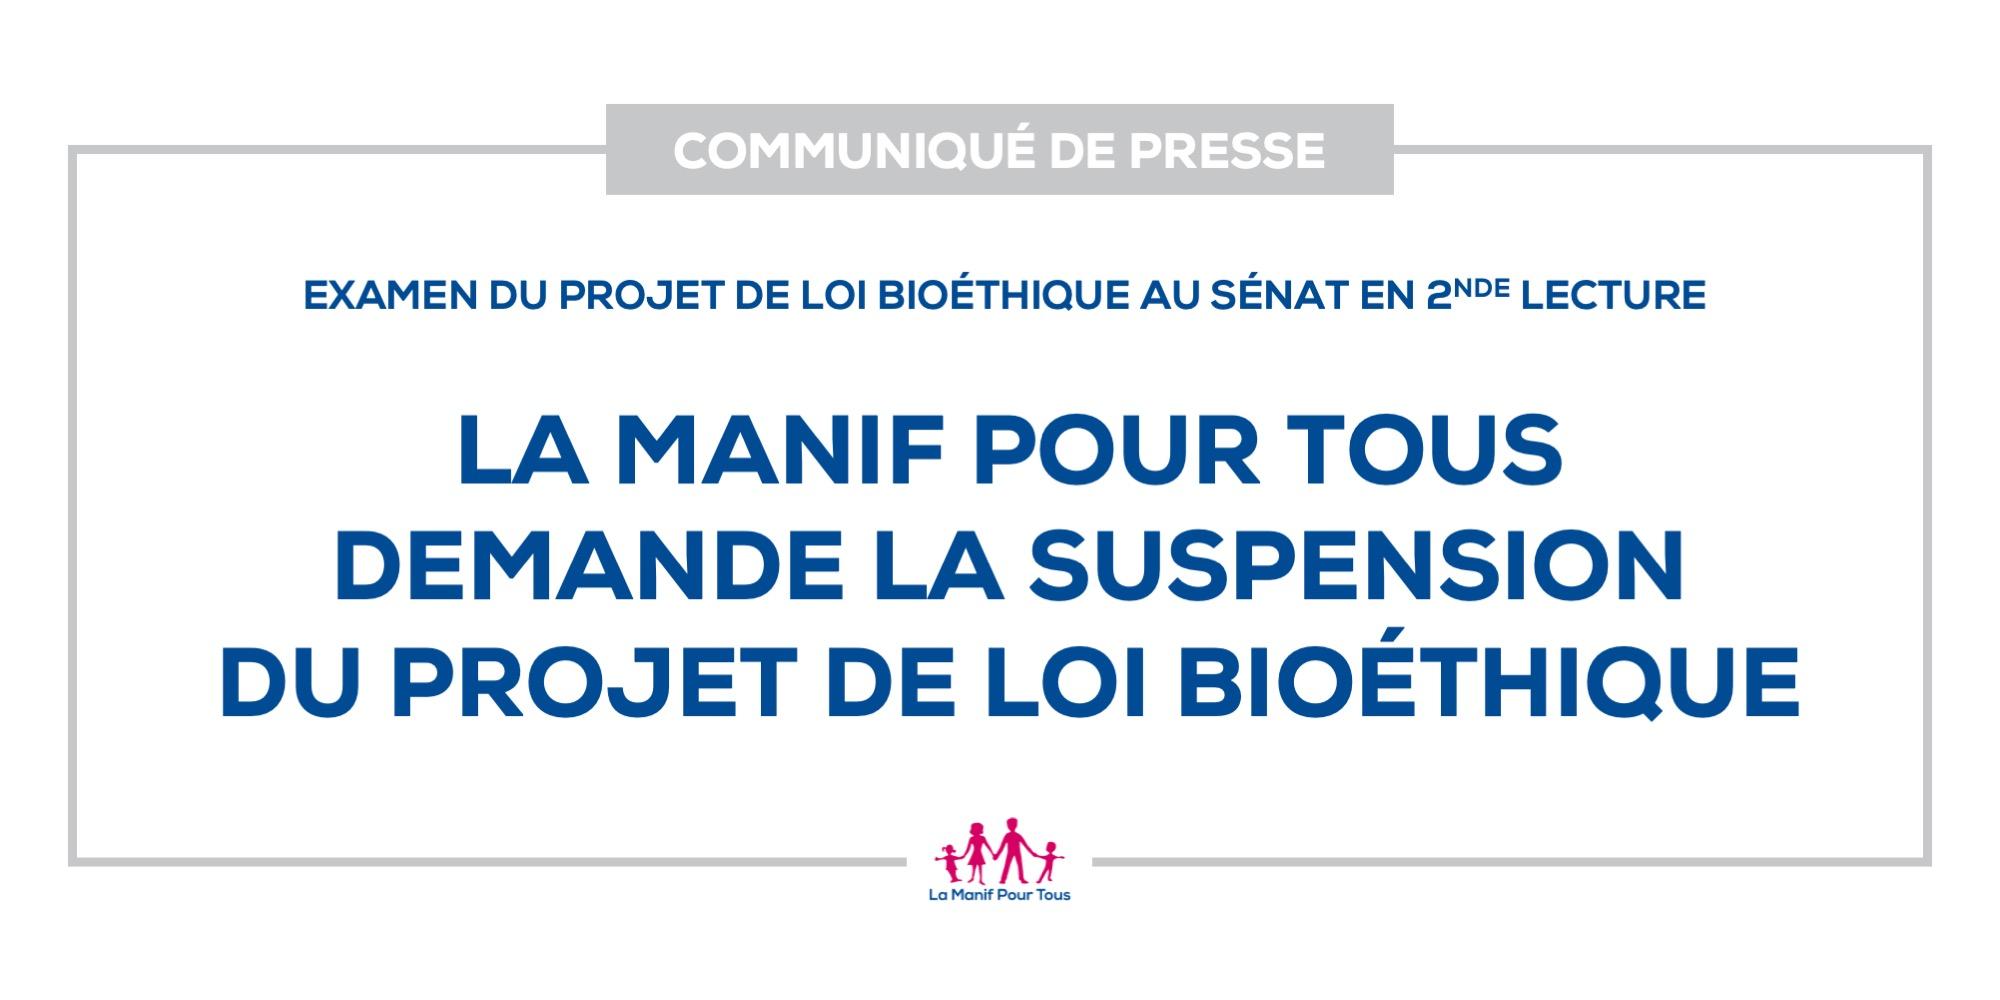 Image - La Manif Pour Tous demande la suspension du projet de loi bioéthique